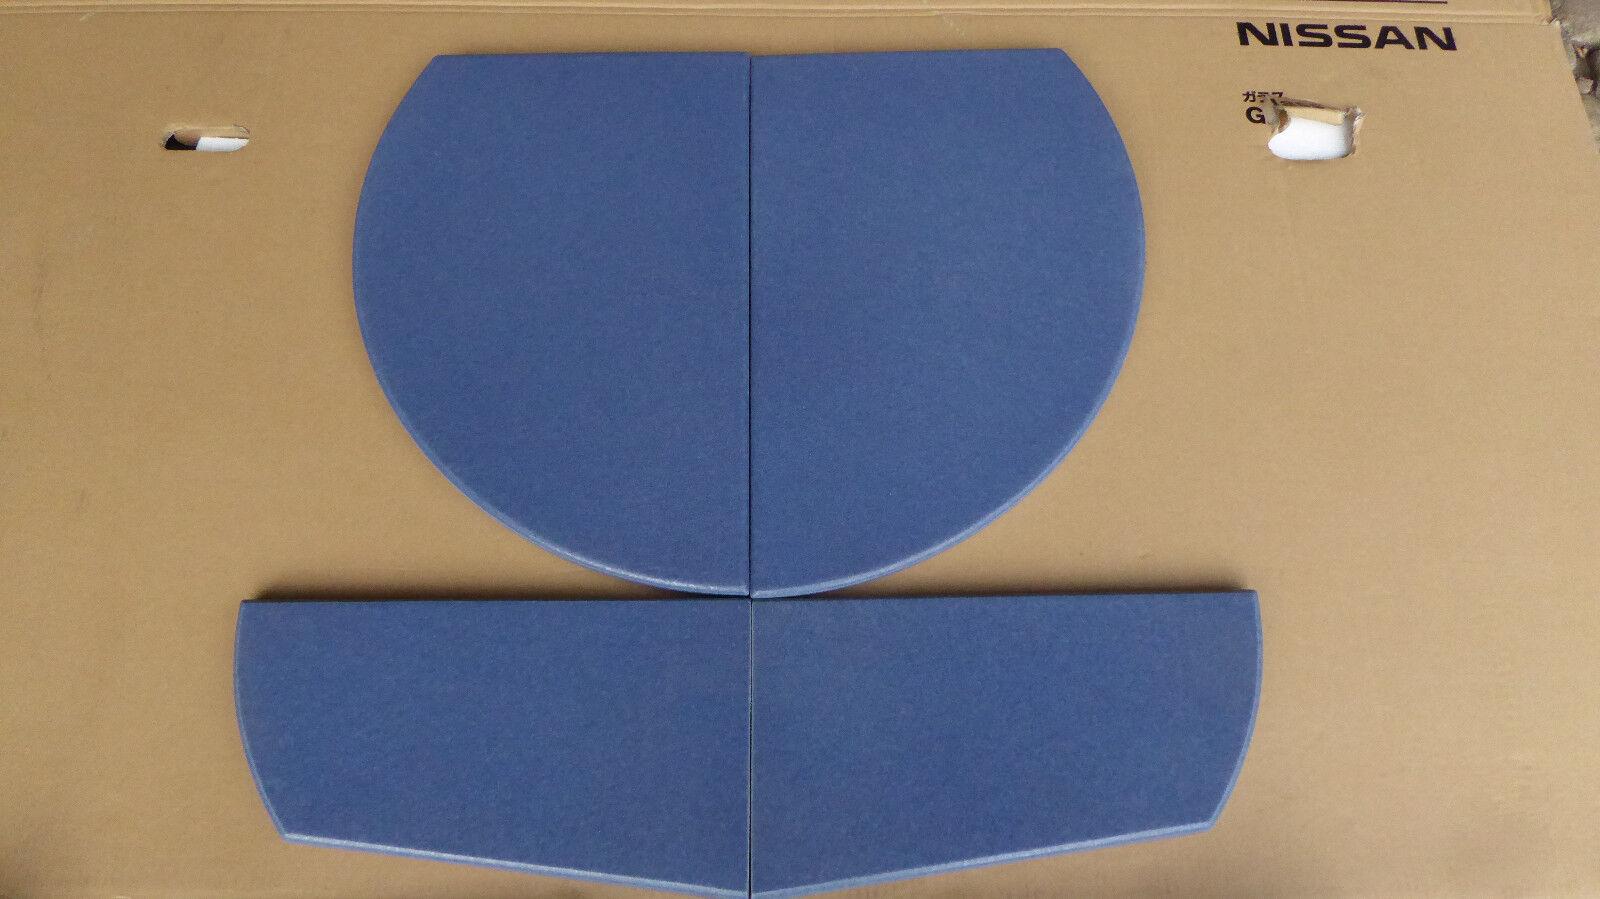 HARK 10B Kacheln kompletter kompletter kompletter Kachelsatz jeansblau aus Ausstellung 57bfb0